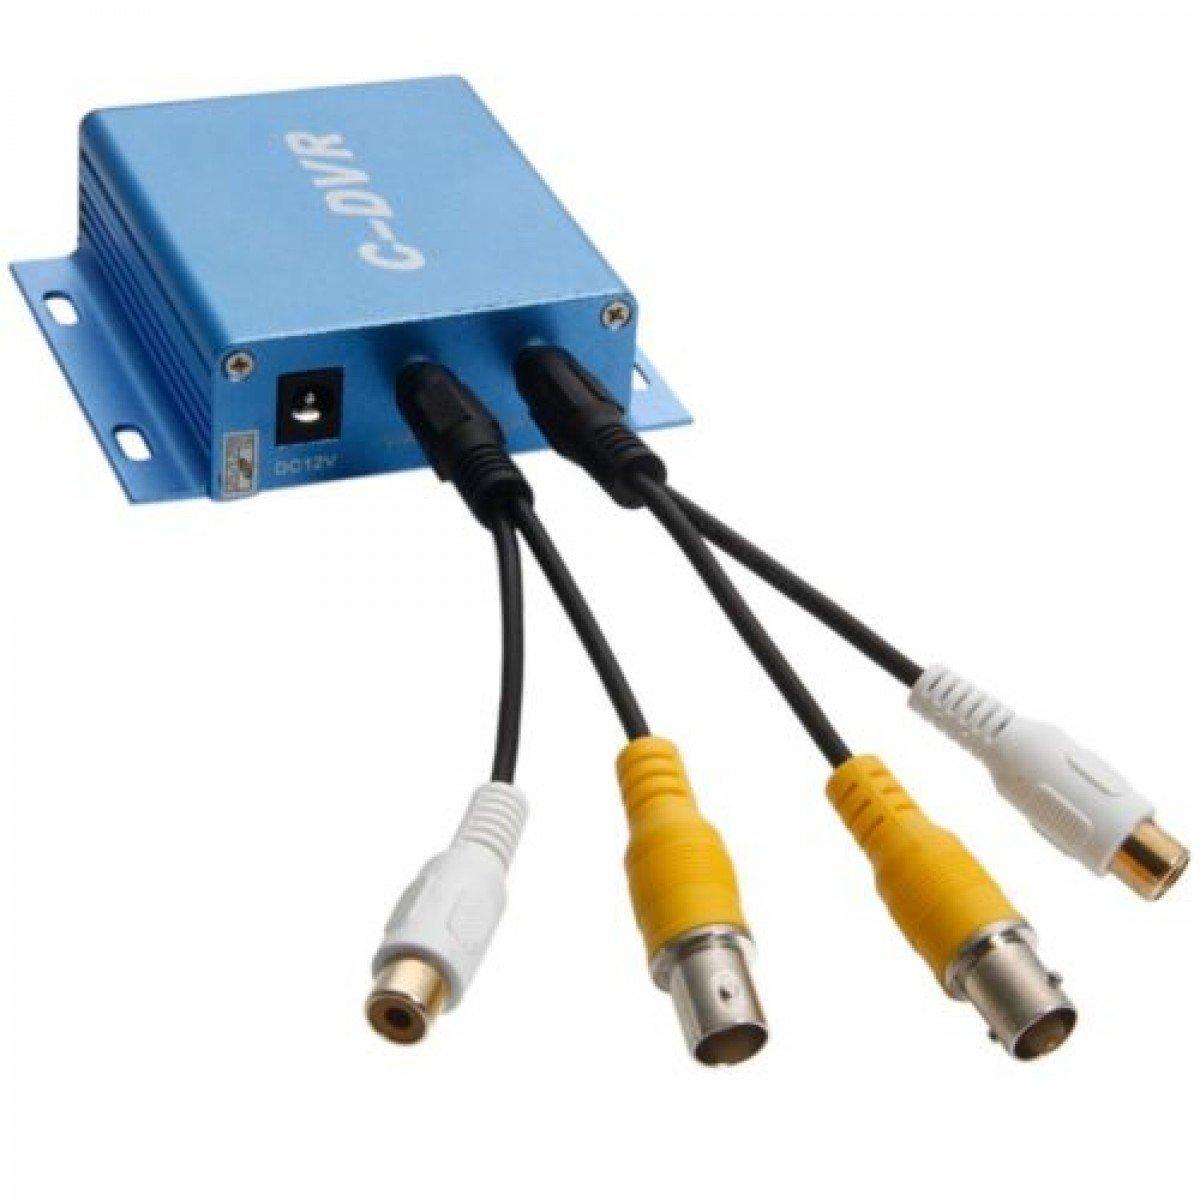 Grabador de vídeo y audio digital DVR de tamaño mini, portátil, para cámara de vigilancia, graba la entrada y salida